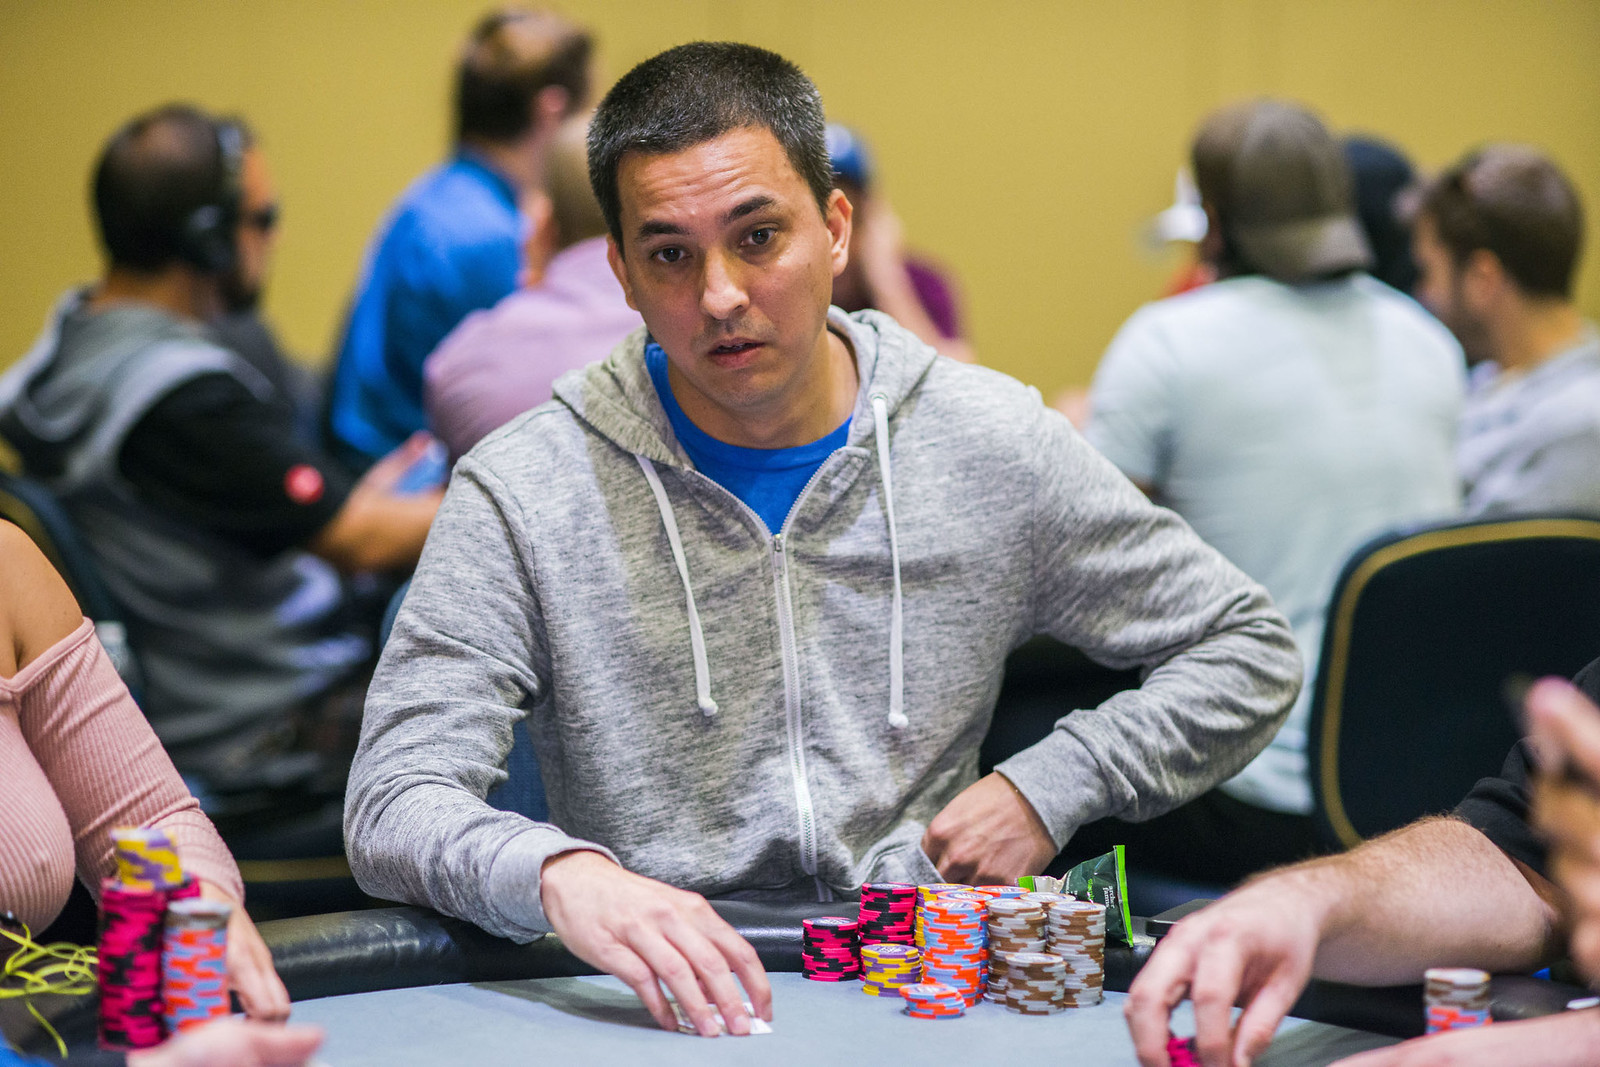 Jeff chang poker willy wonka slots mod apk 2018